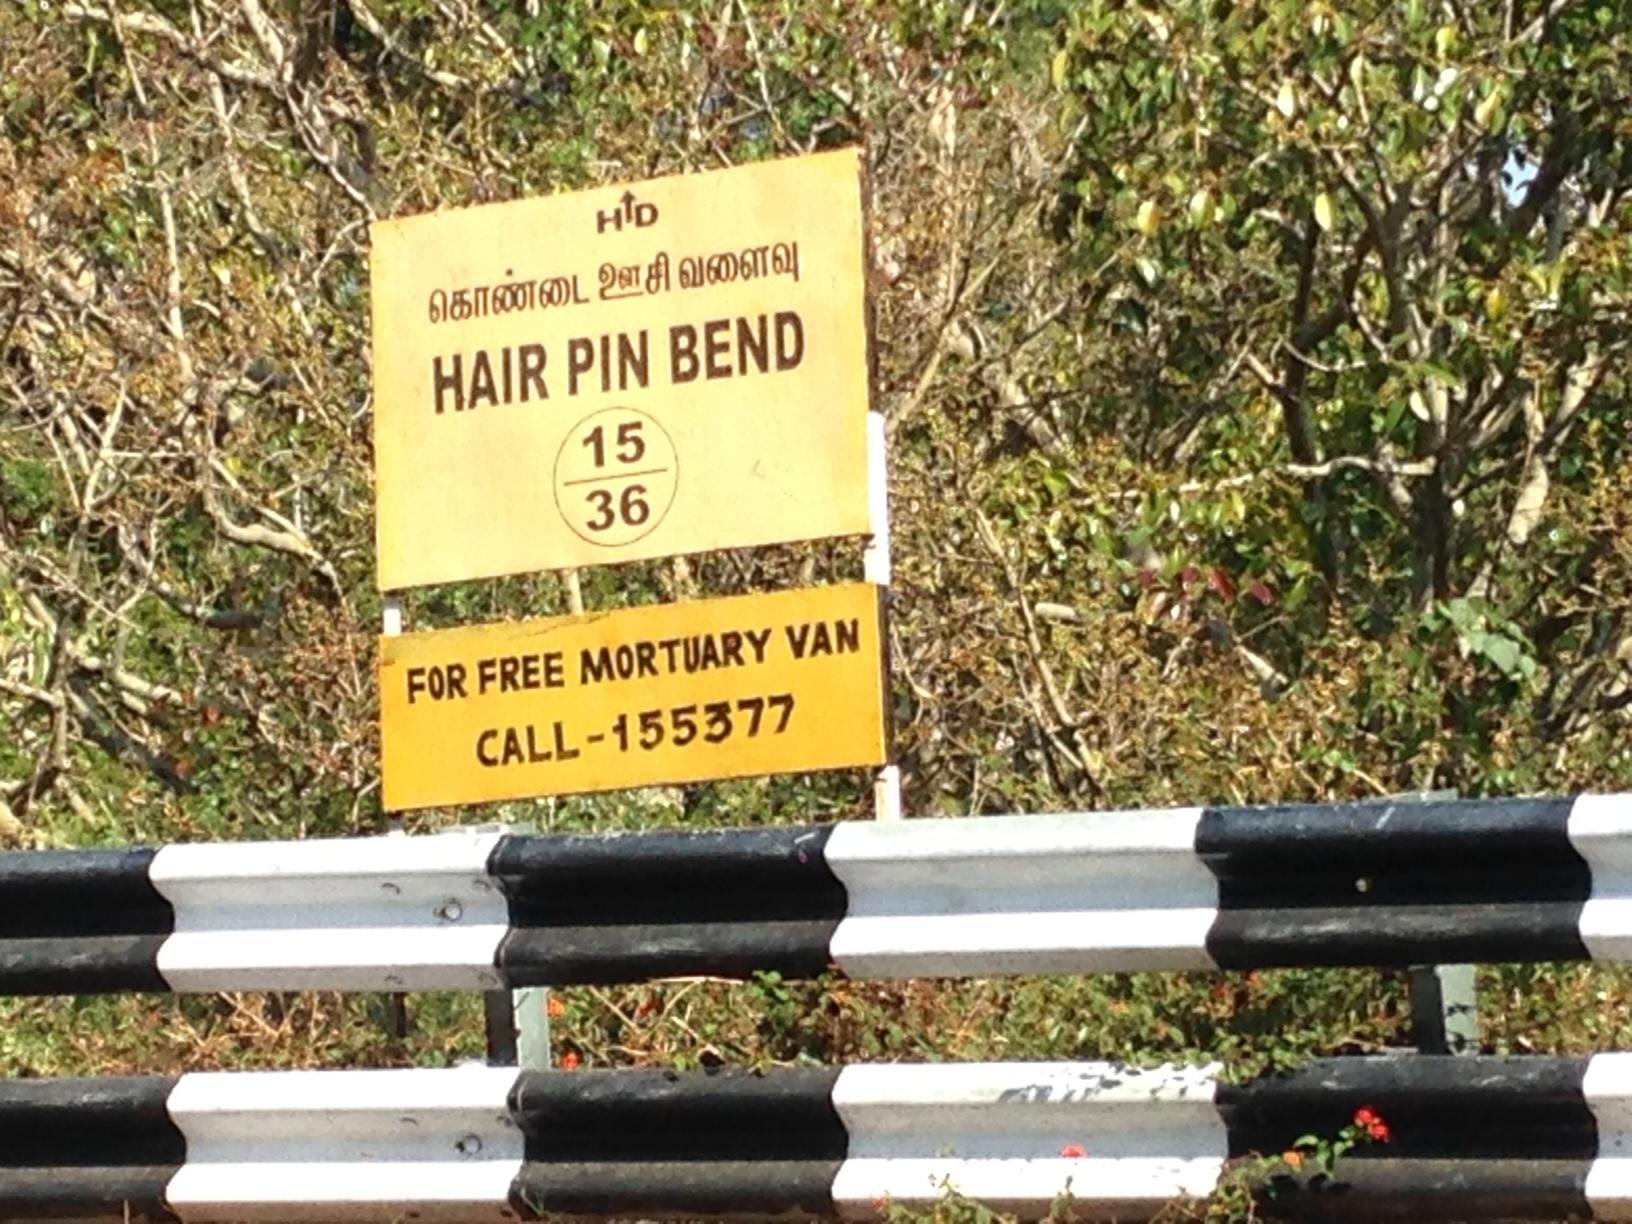 India: pin bends